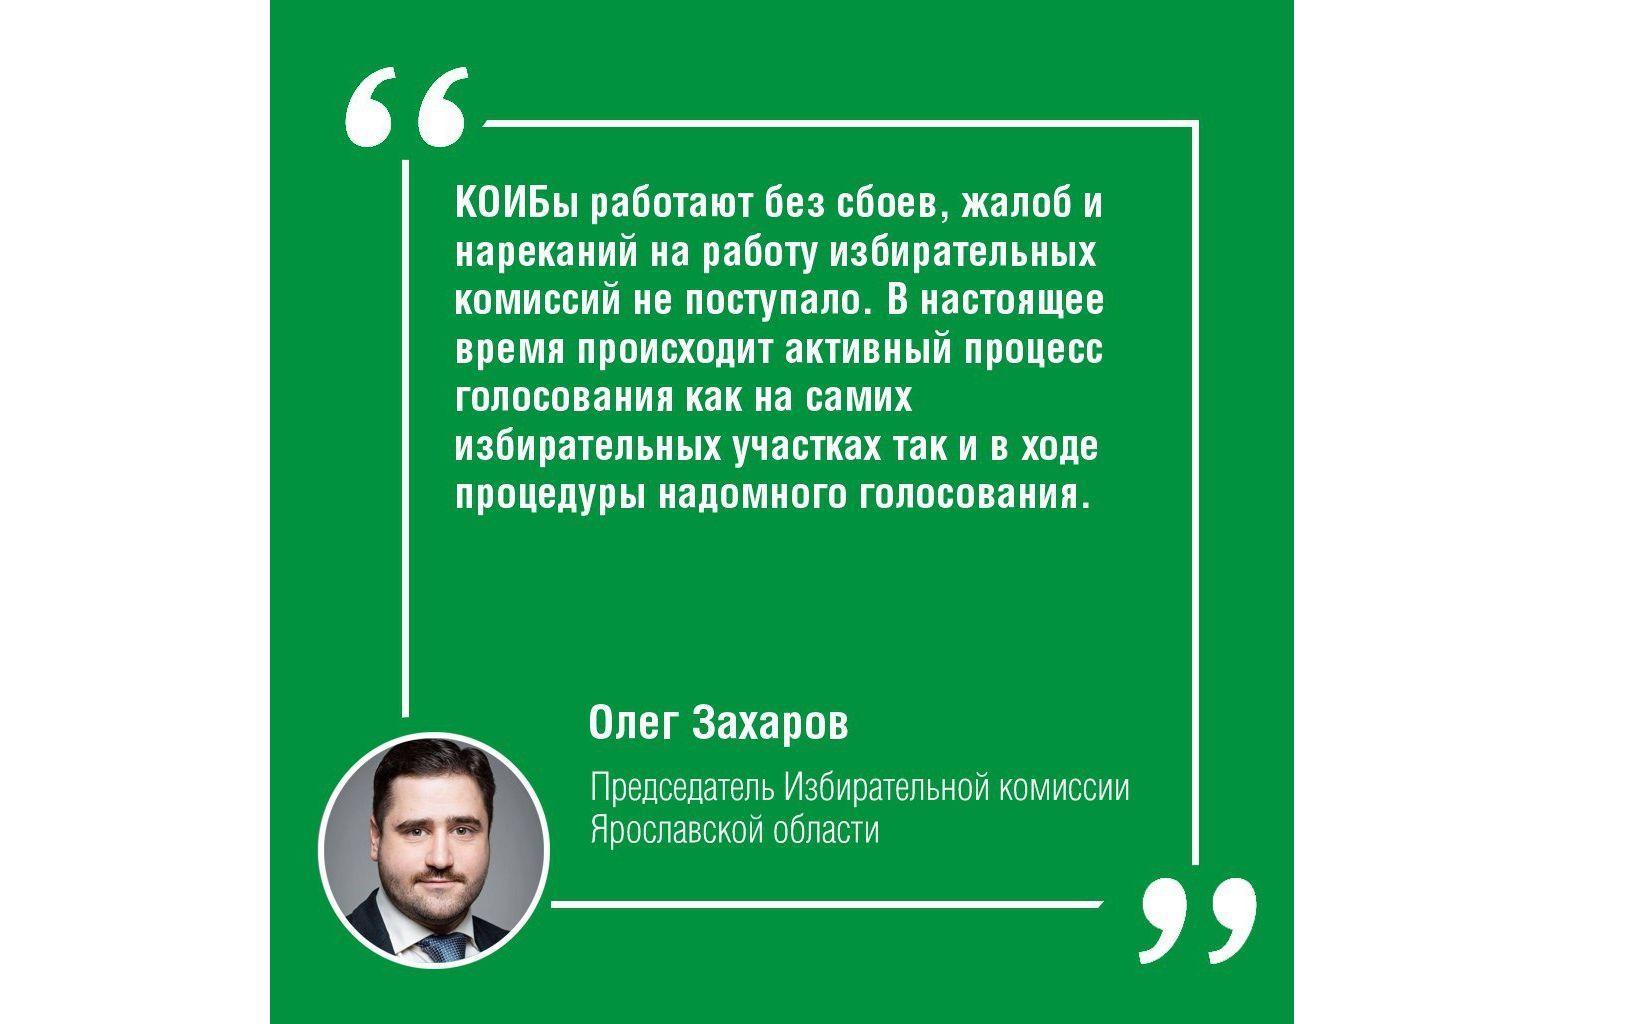 Глава облизбиркома - председателю ЦИК РФ: КОИБы работают без сбоев